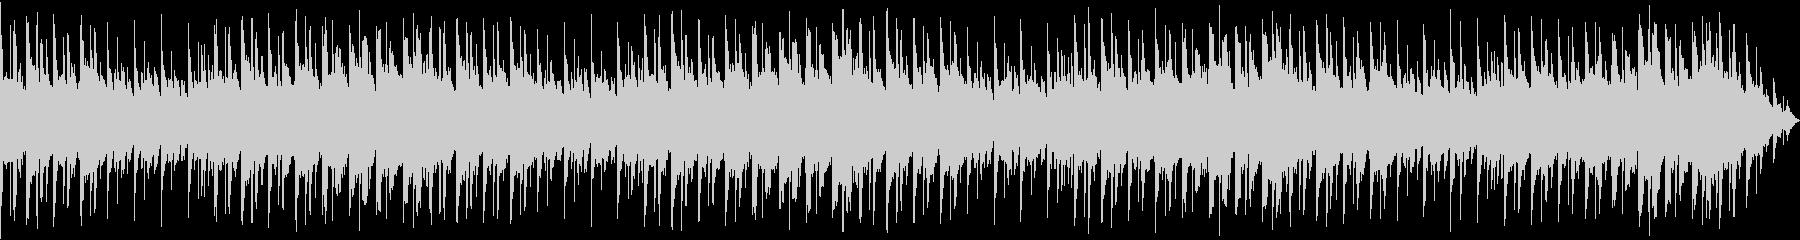 【主張しない背景音楽】ヒーリングの未再生の波形